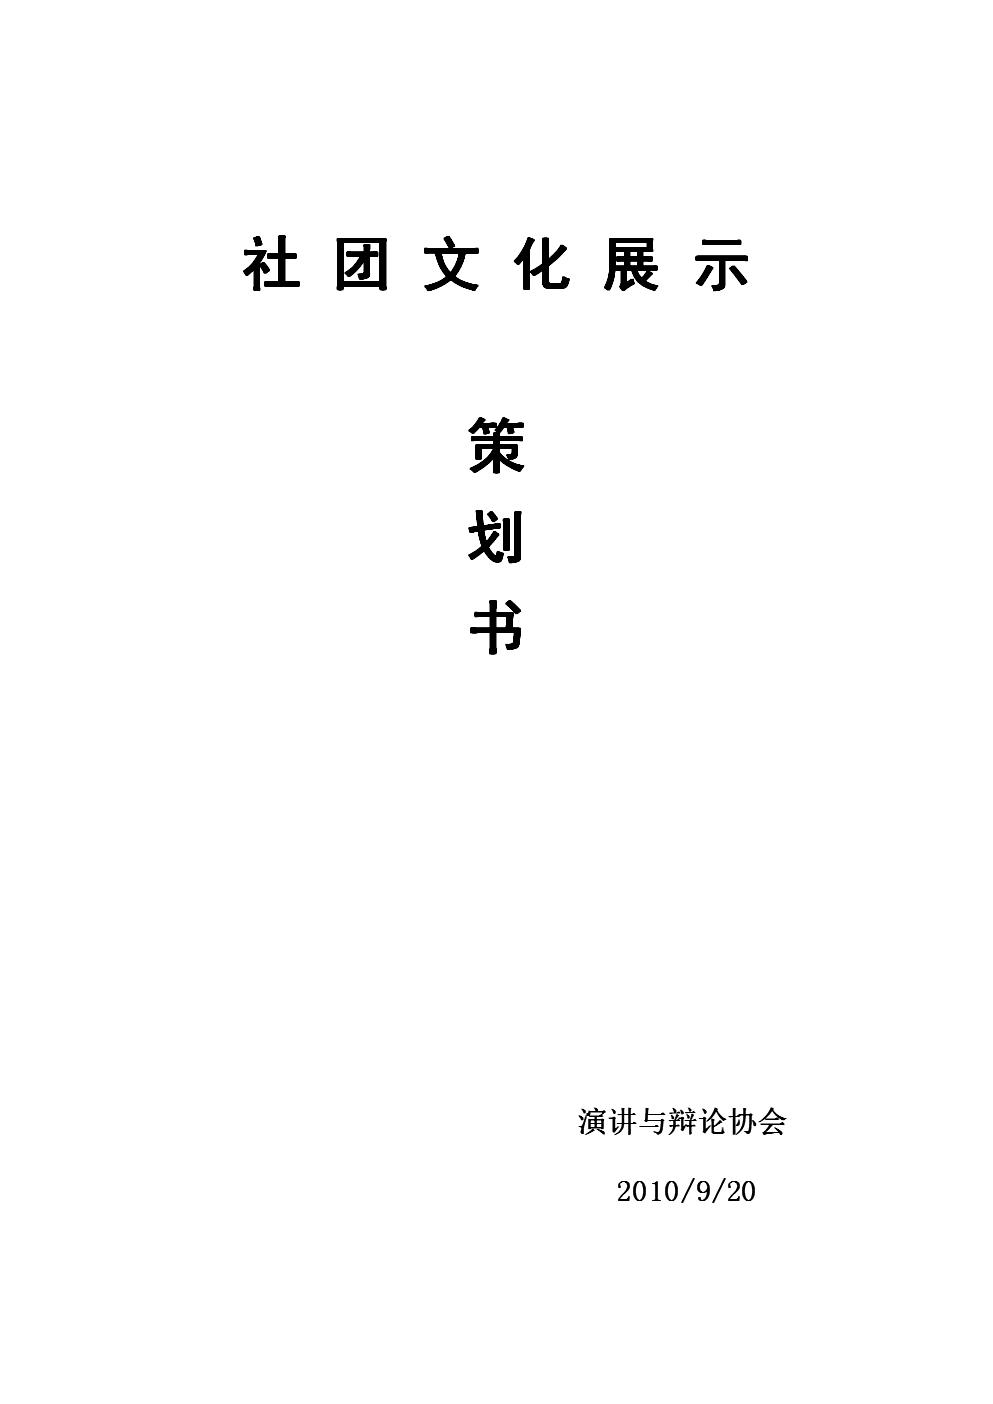 演讲与辩论协会社团文化展示策划书.doc